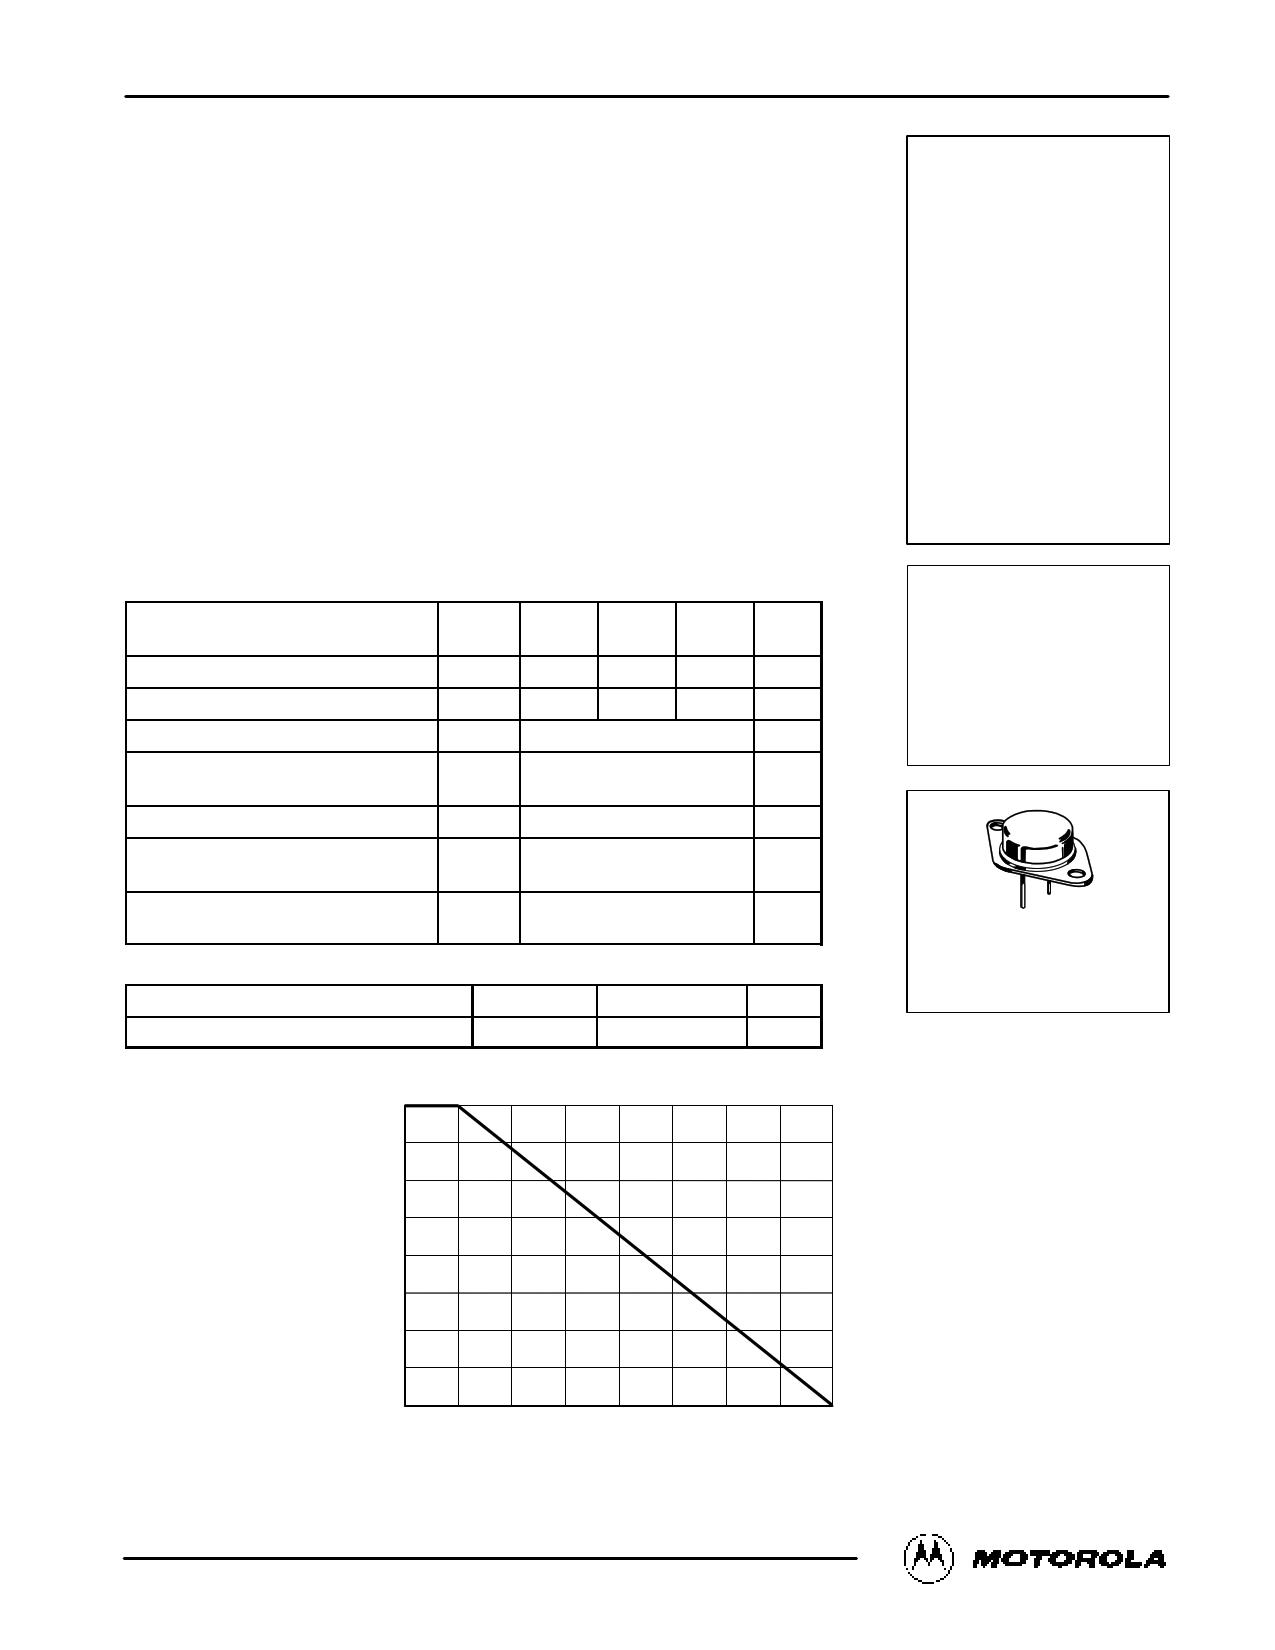 2N6285 دیتاشیت PDF